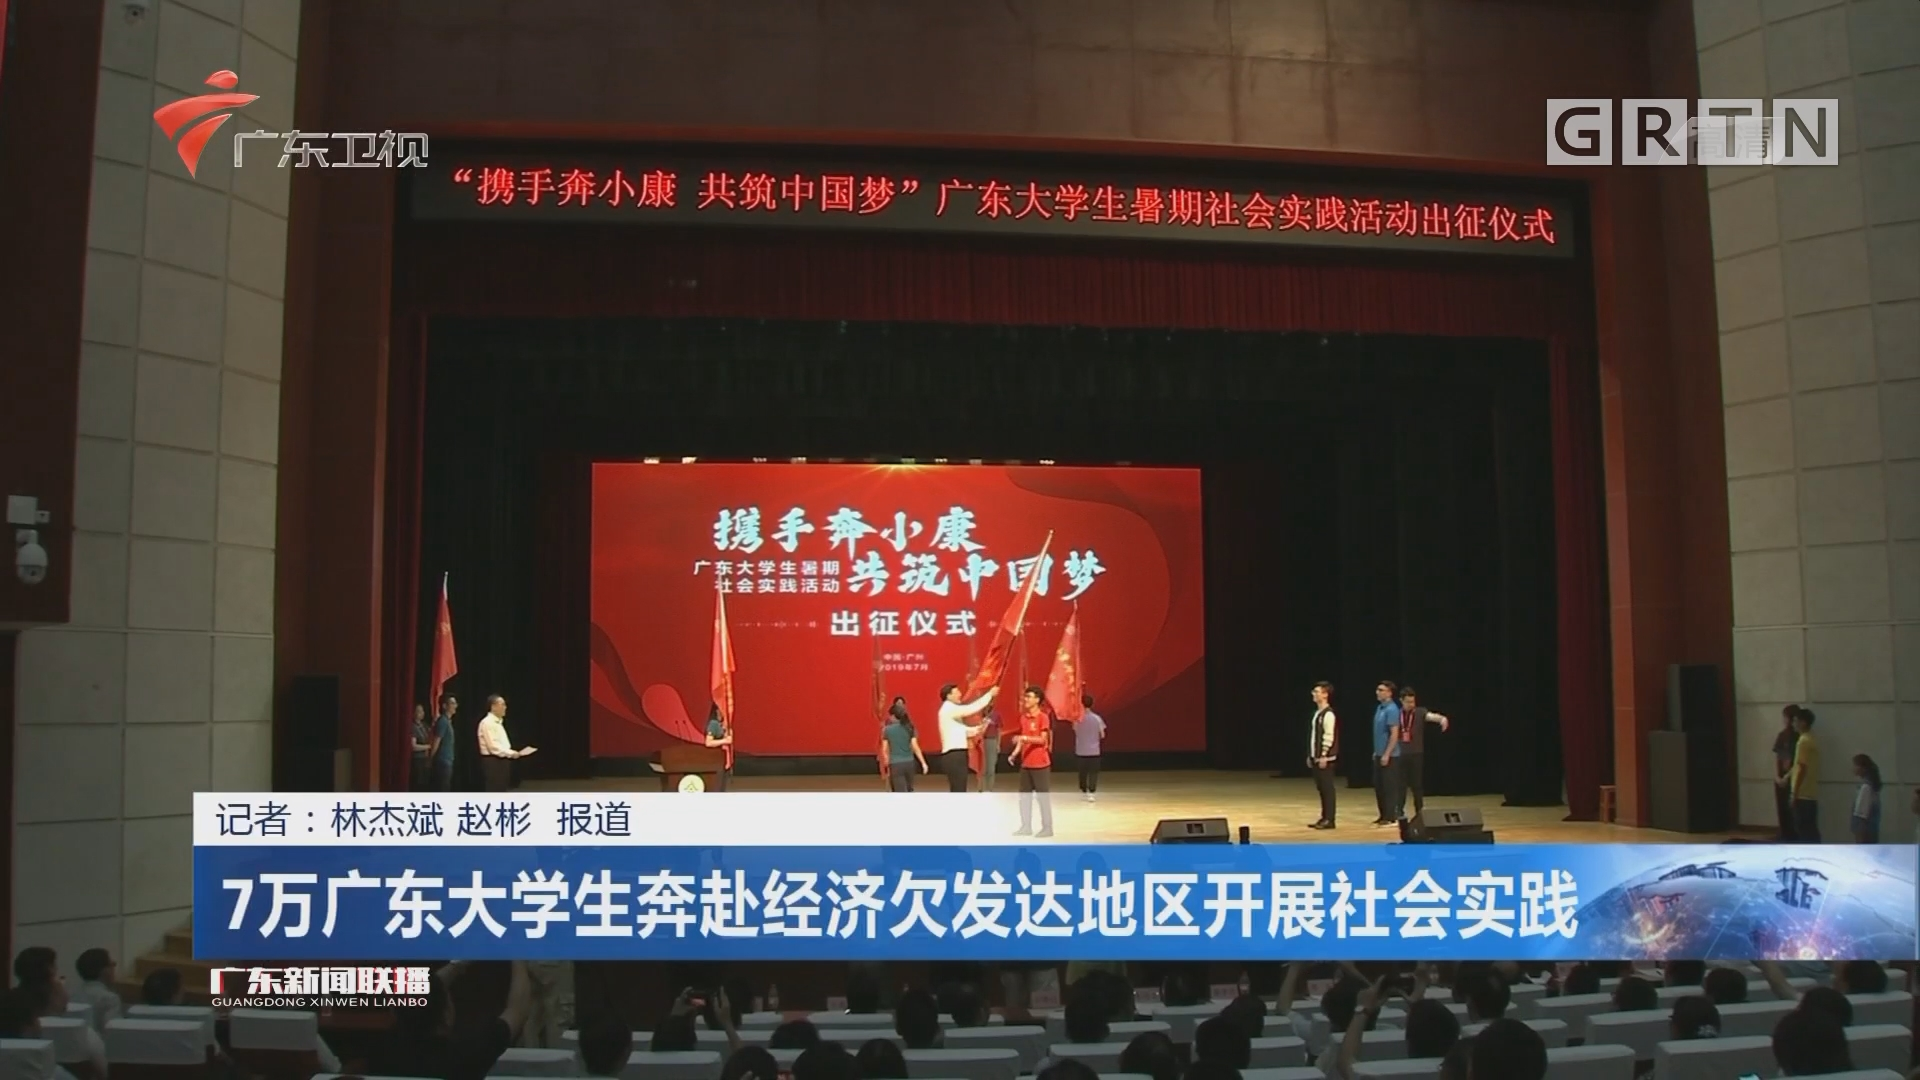 7万广东大学生奔赴经济欠发达地区开展社会实践